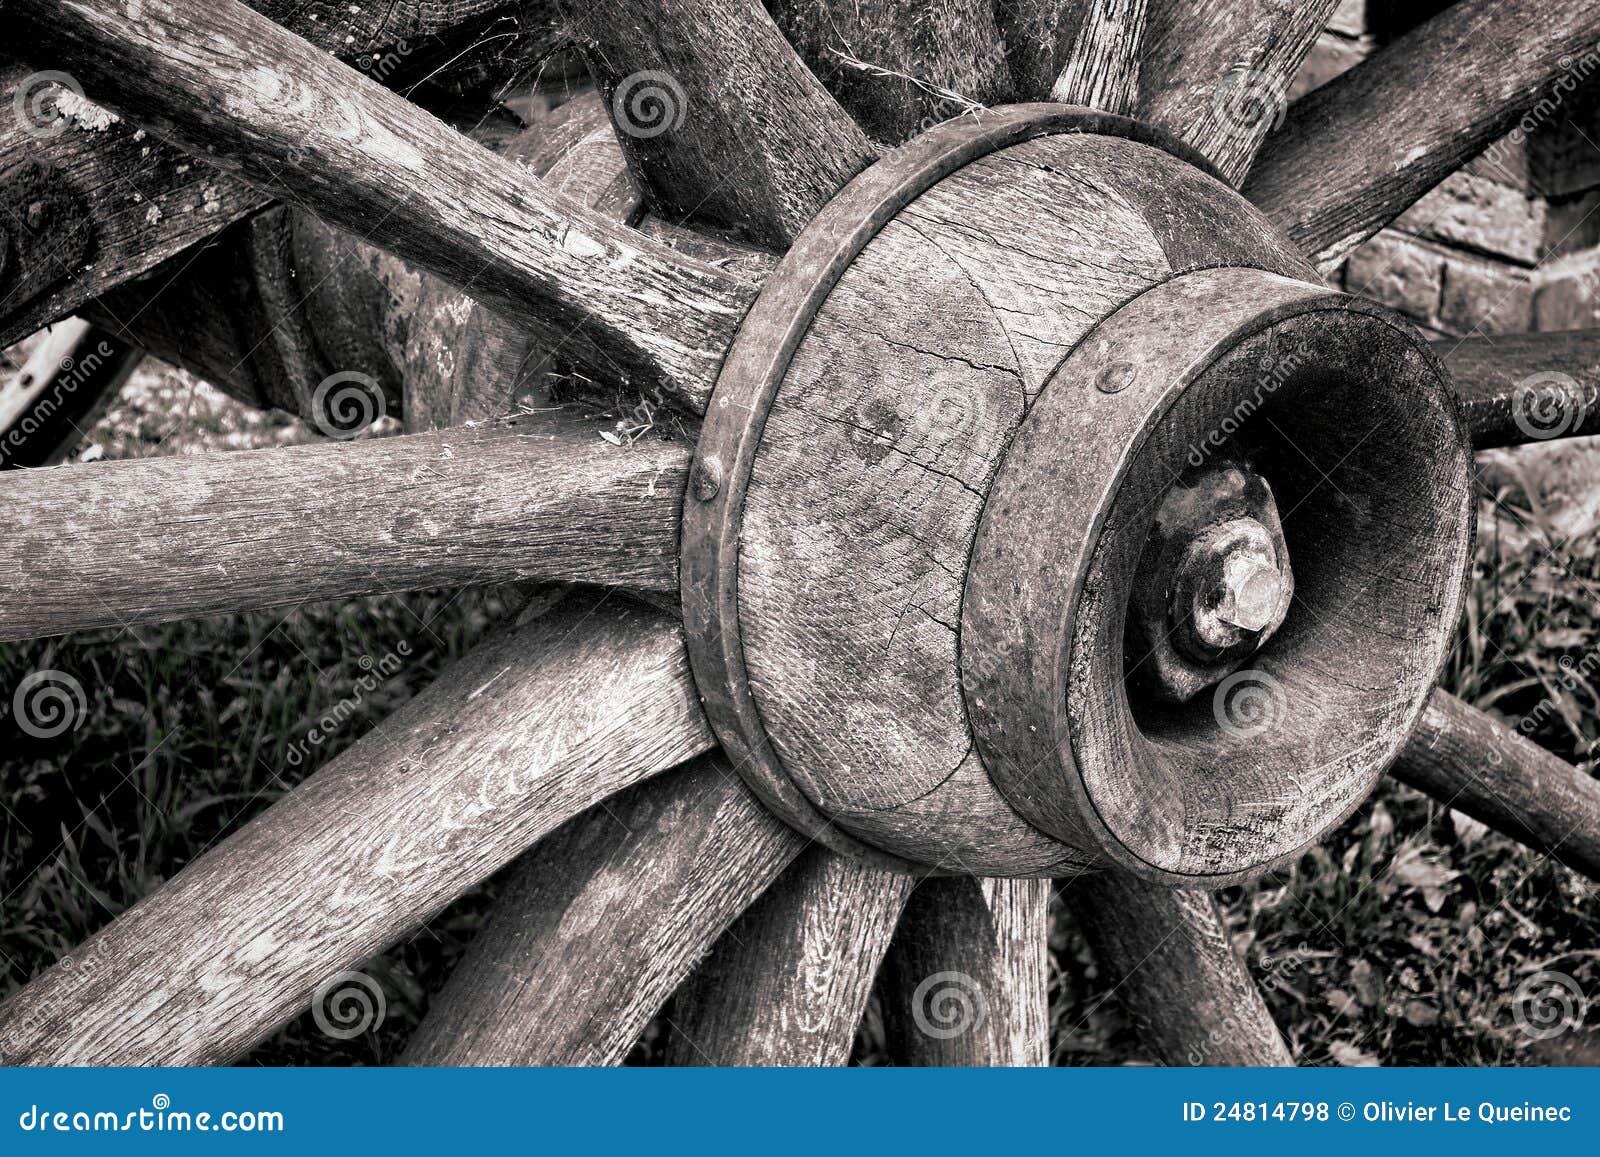 Eje de rueda de madera antiguo de carro y rayos de madera viejos